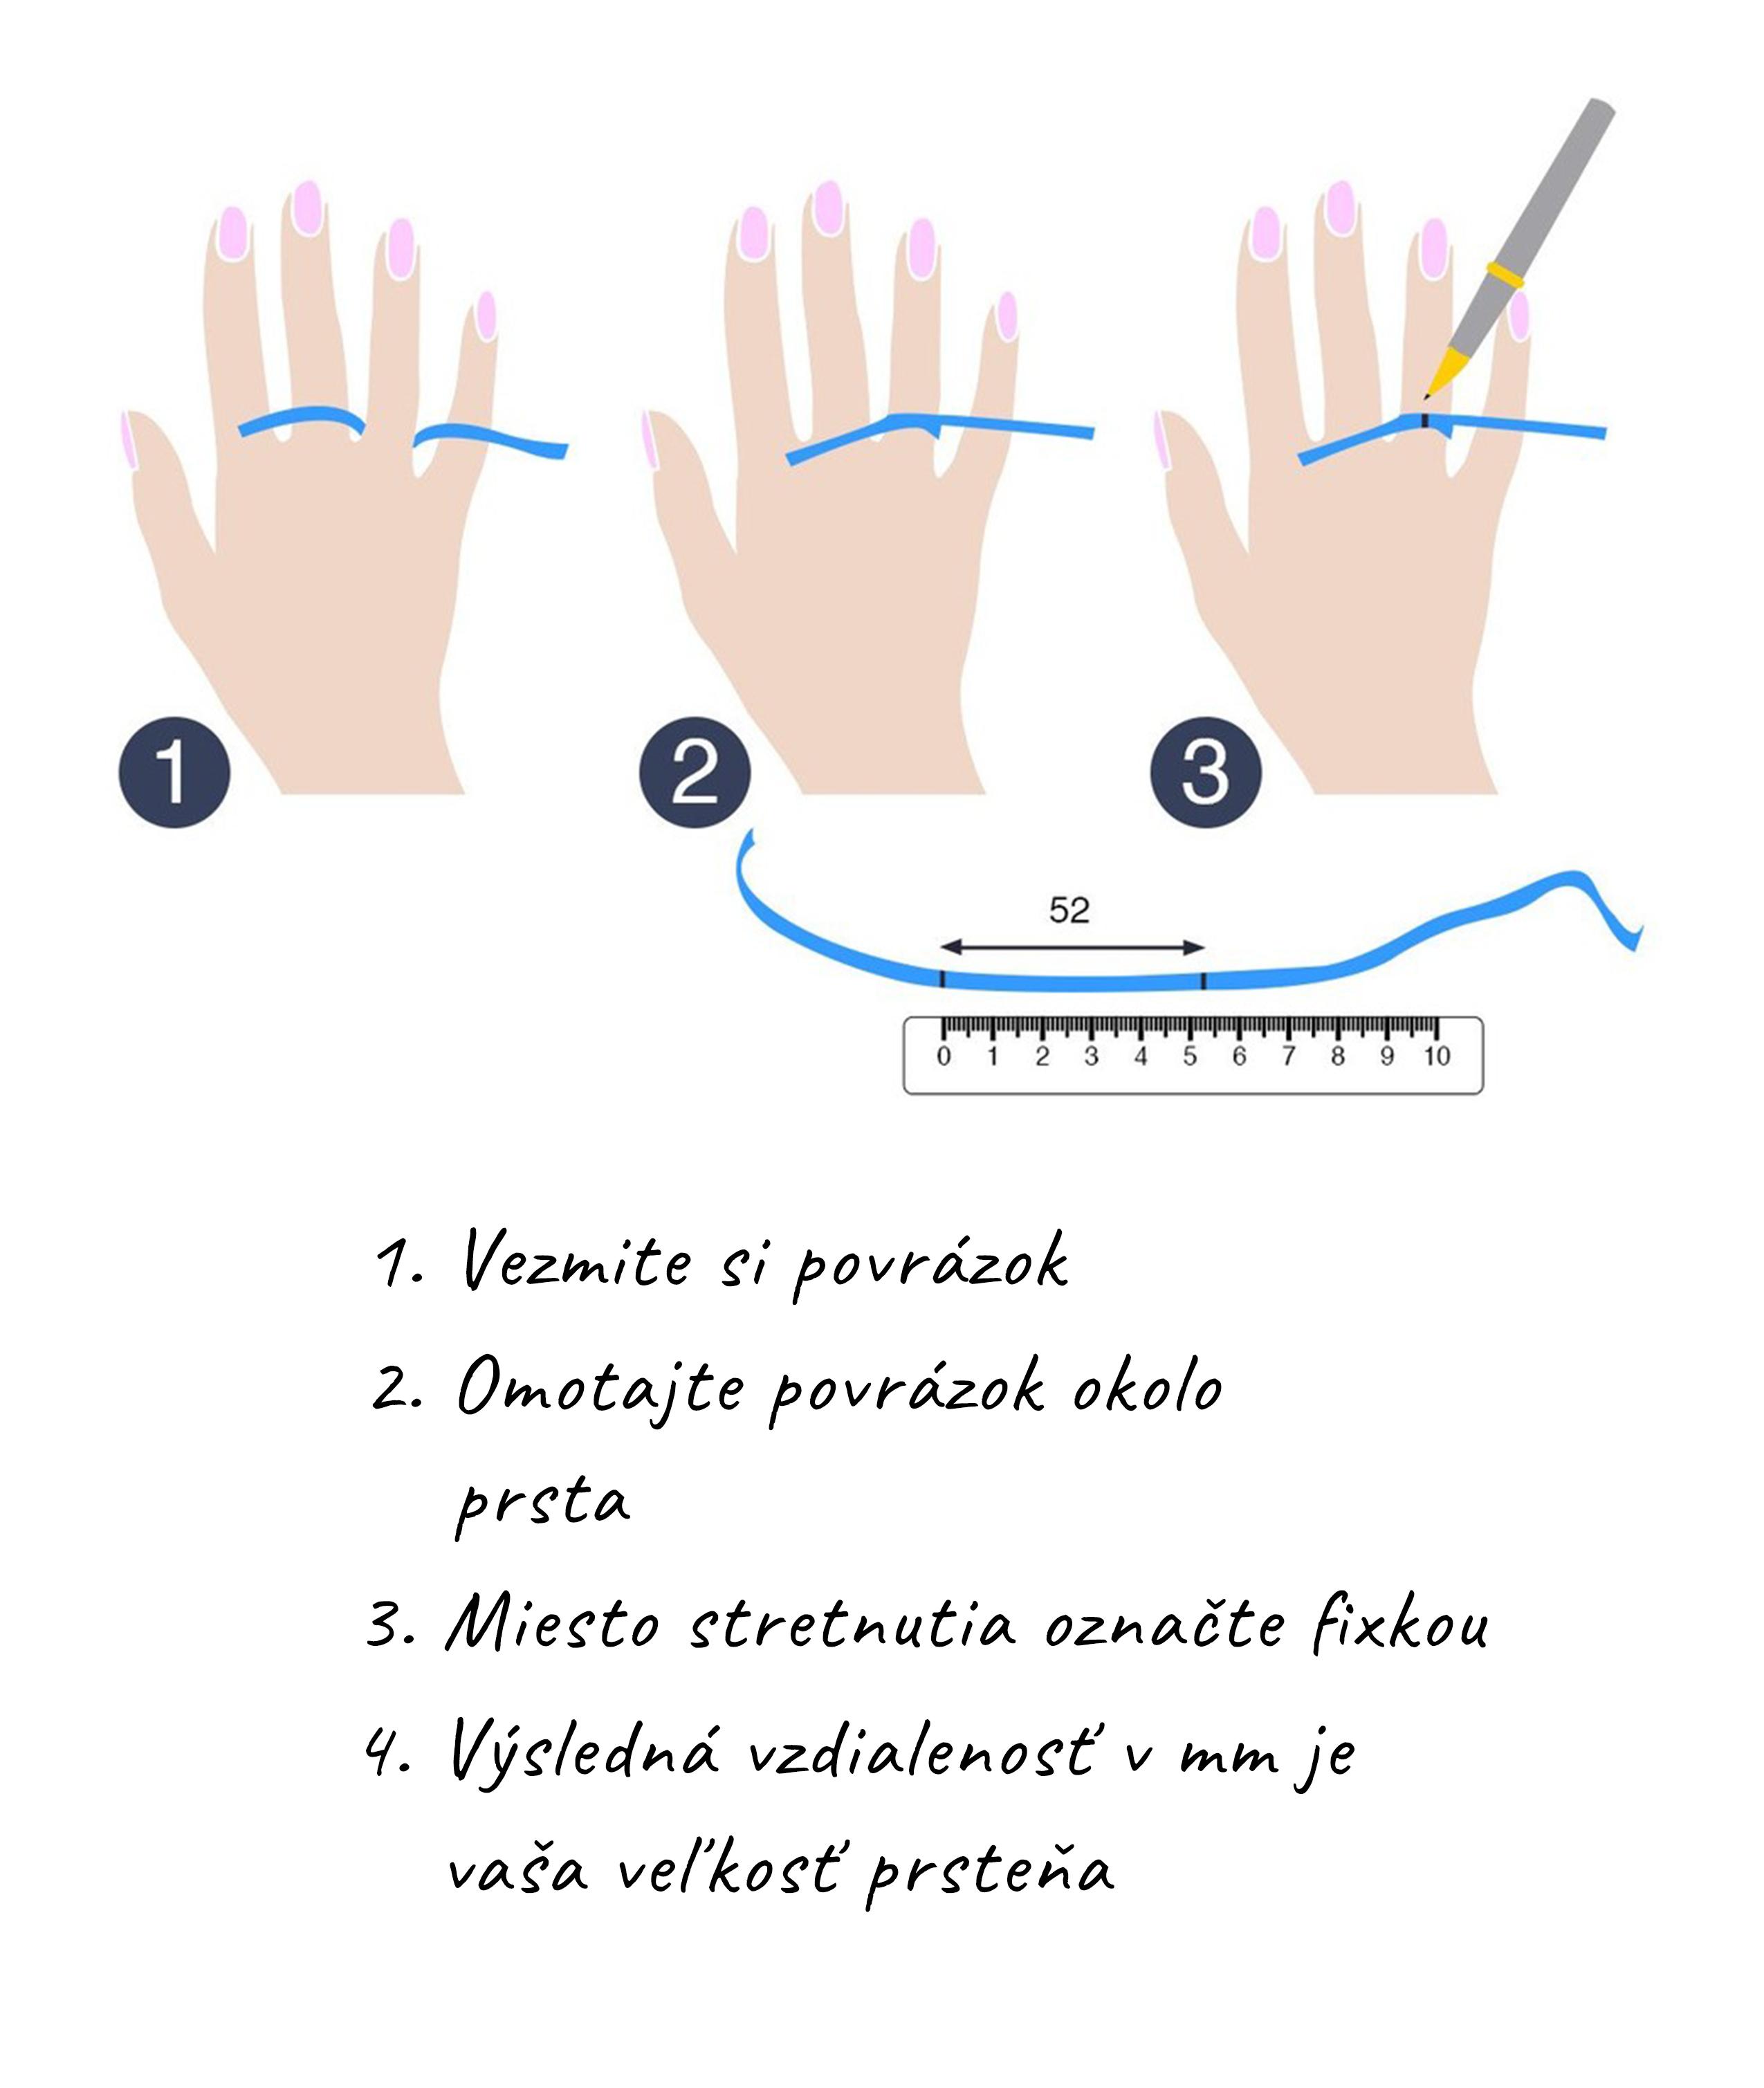 Ako zmerať veľkosť prsteňa